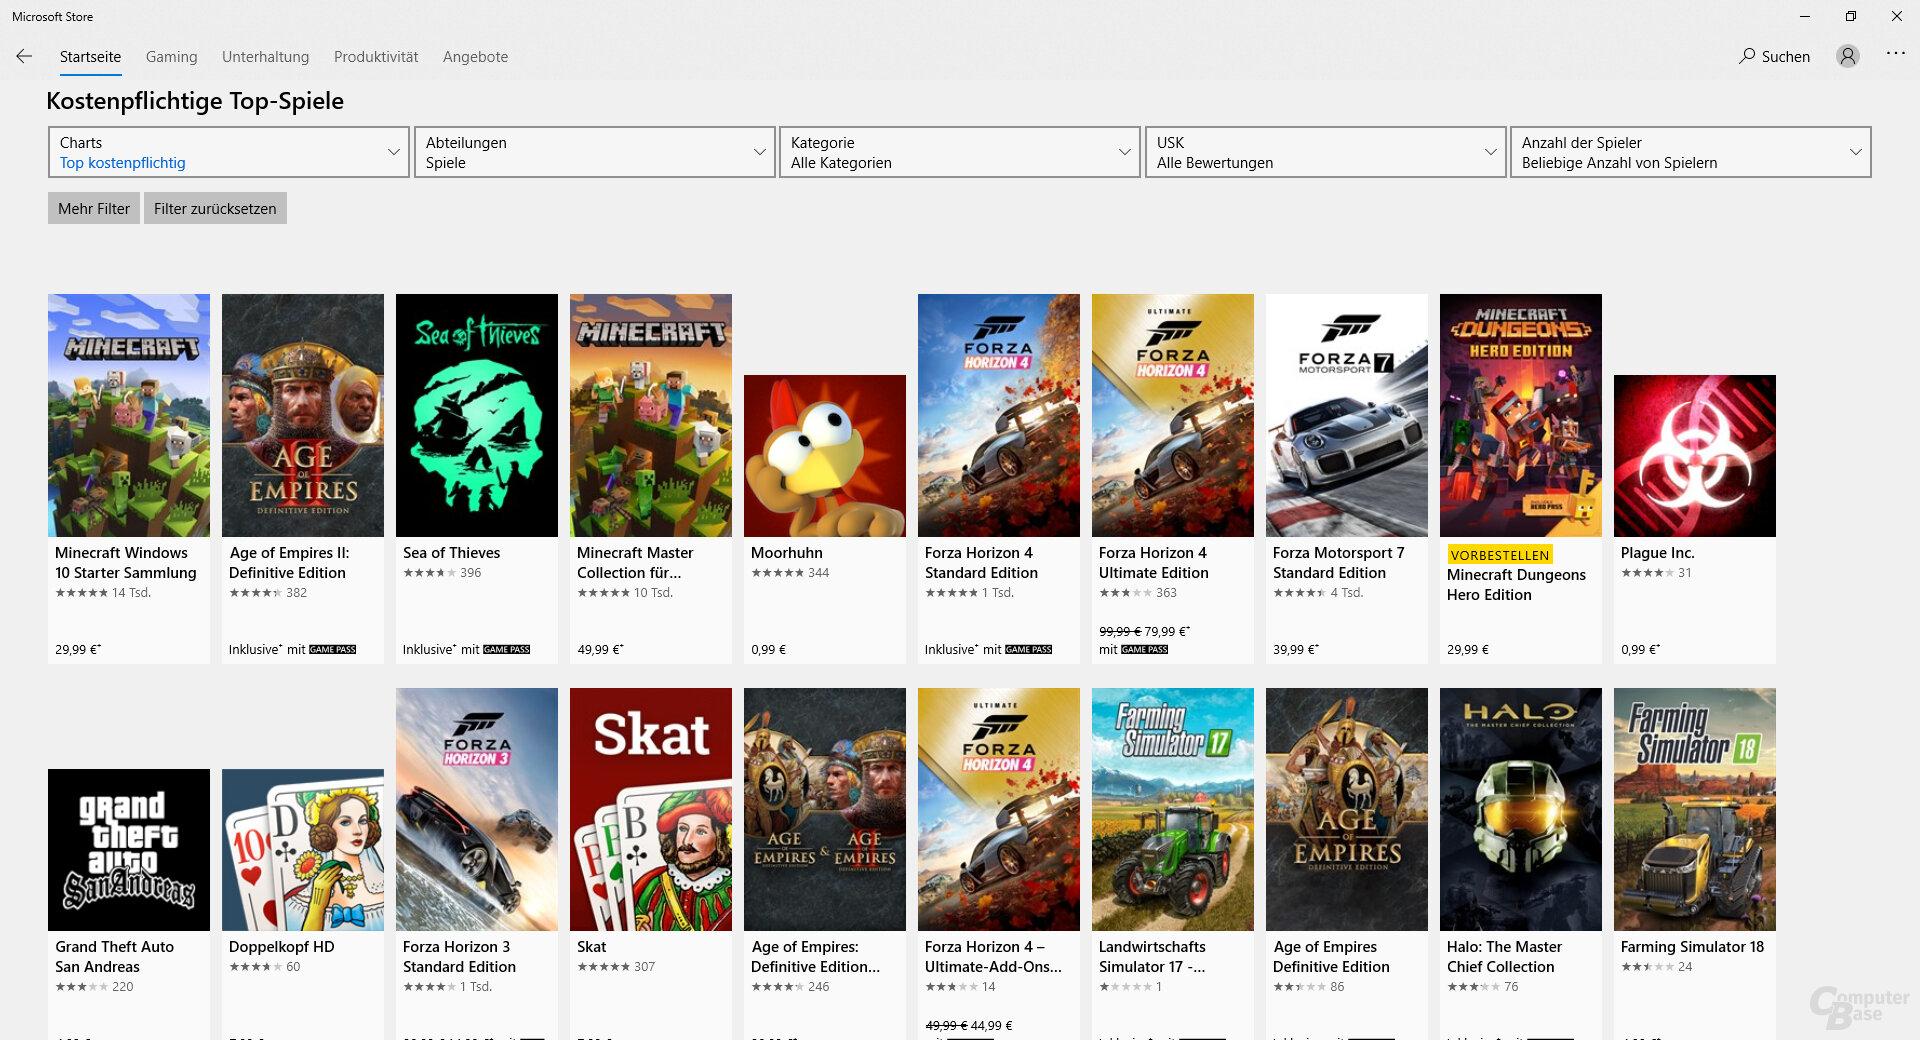 Top-Spiele im Microsoft Store für x86